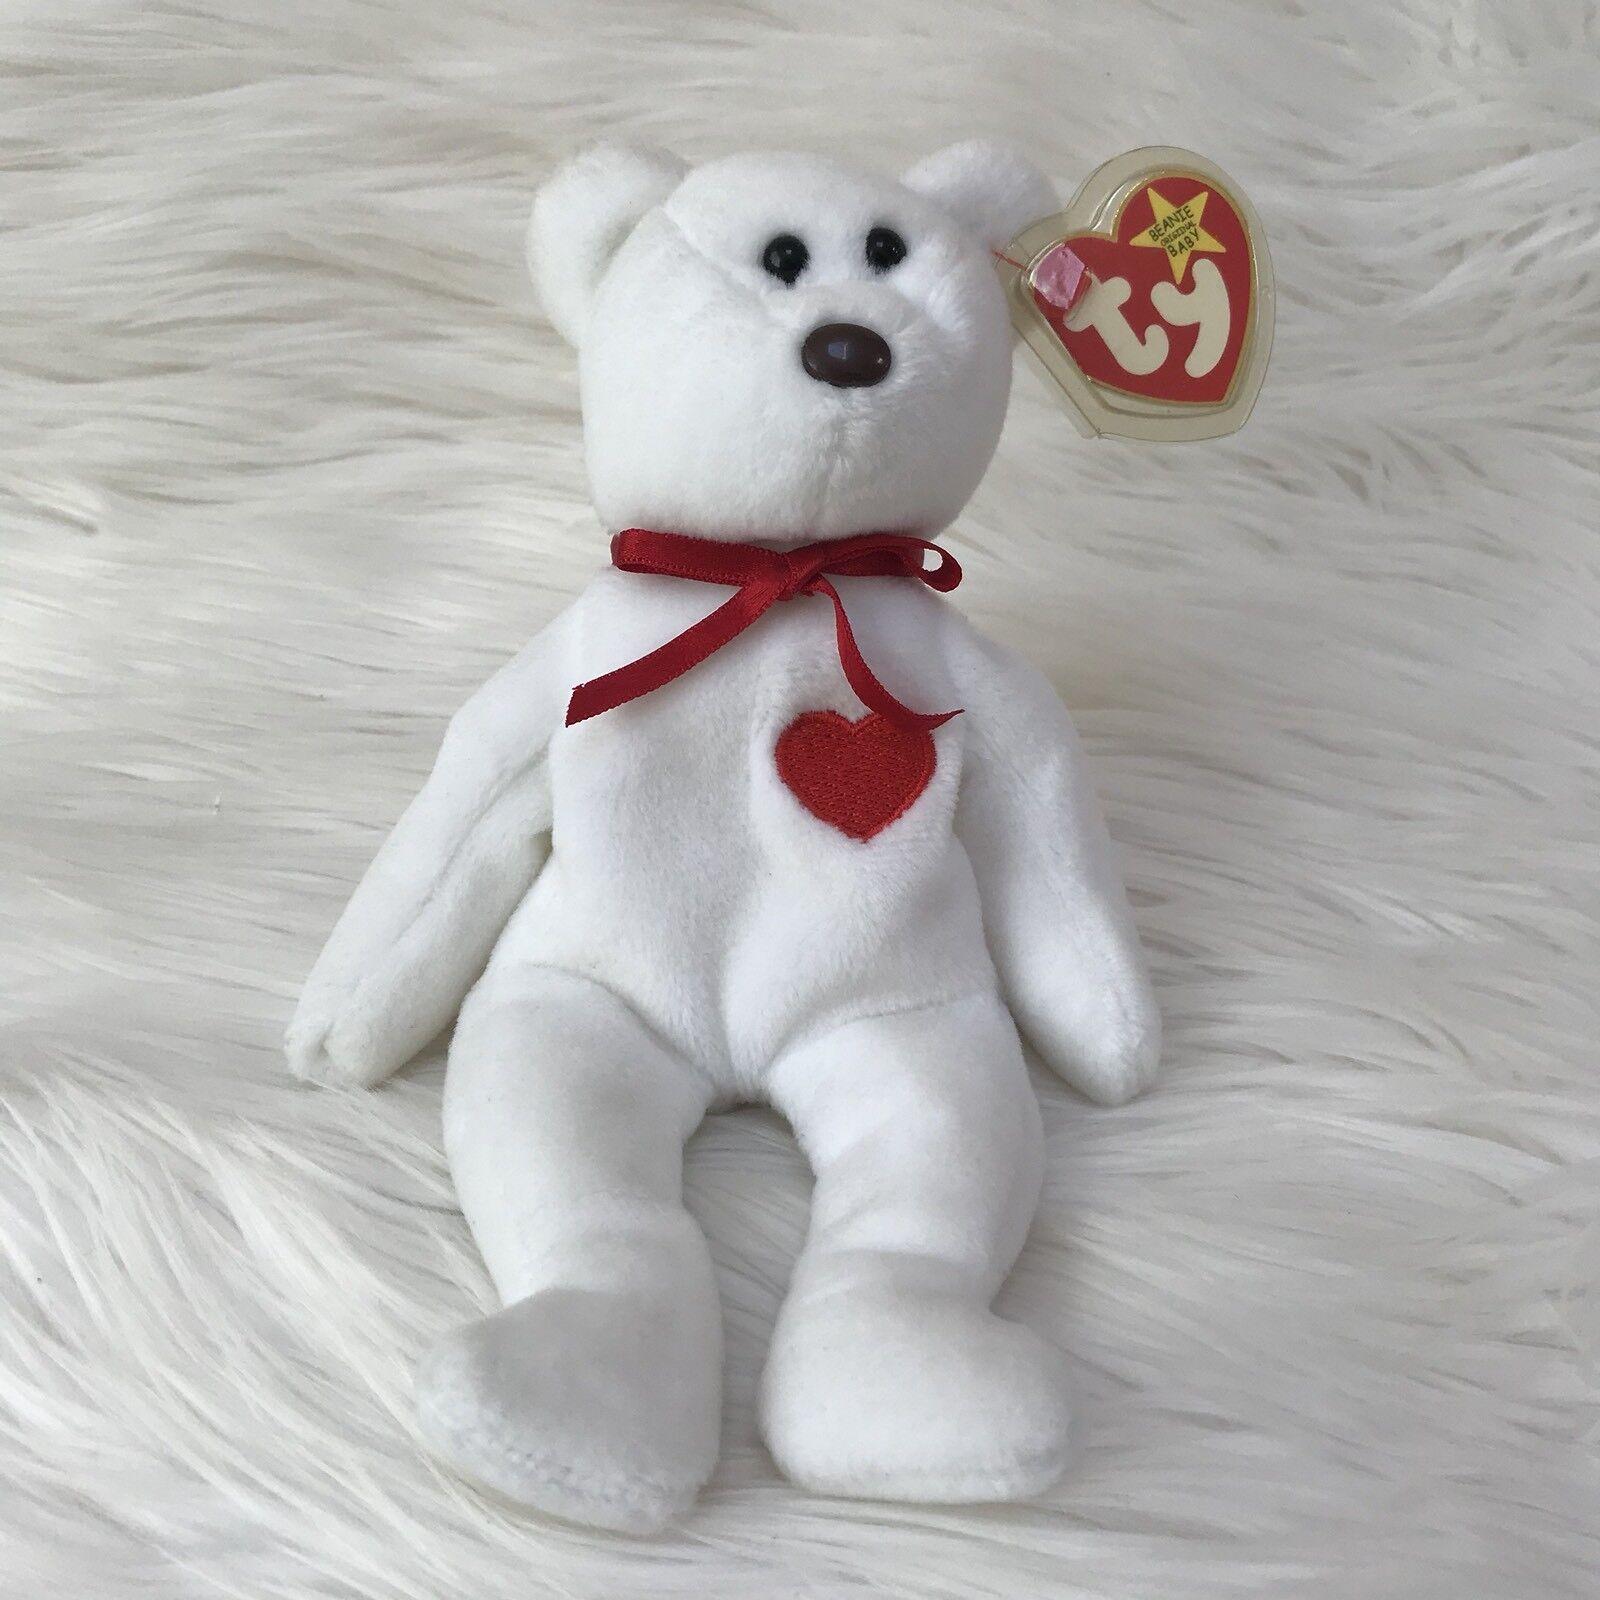 Ty beanie baby valentino 4058 teddybär braune nase mit tag - fehler